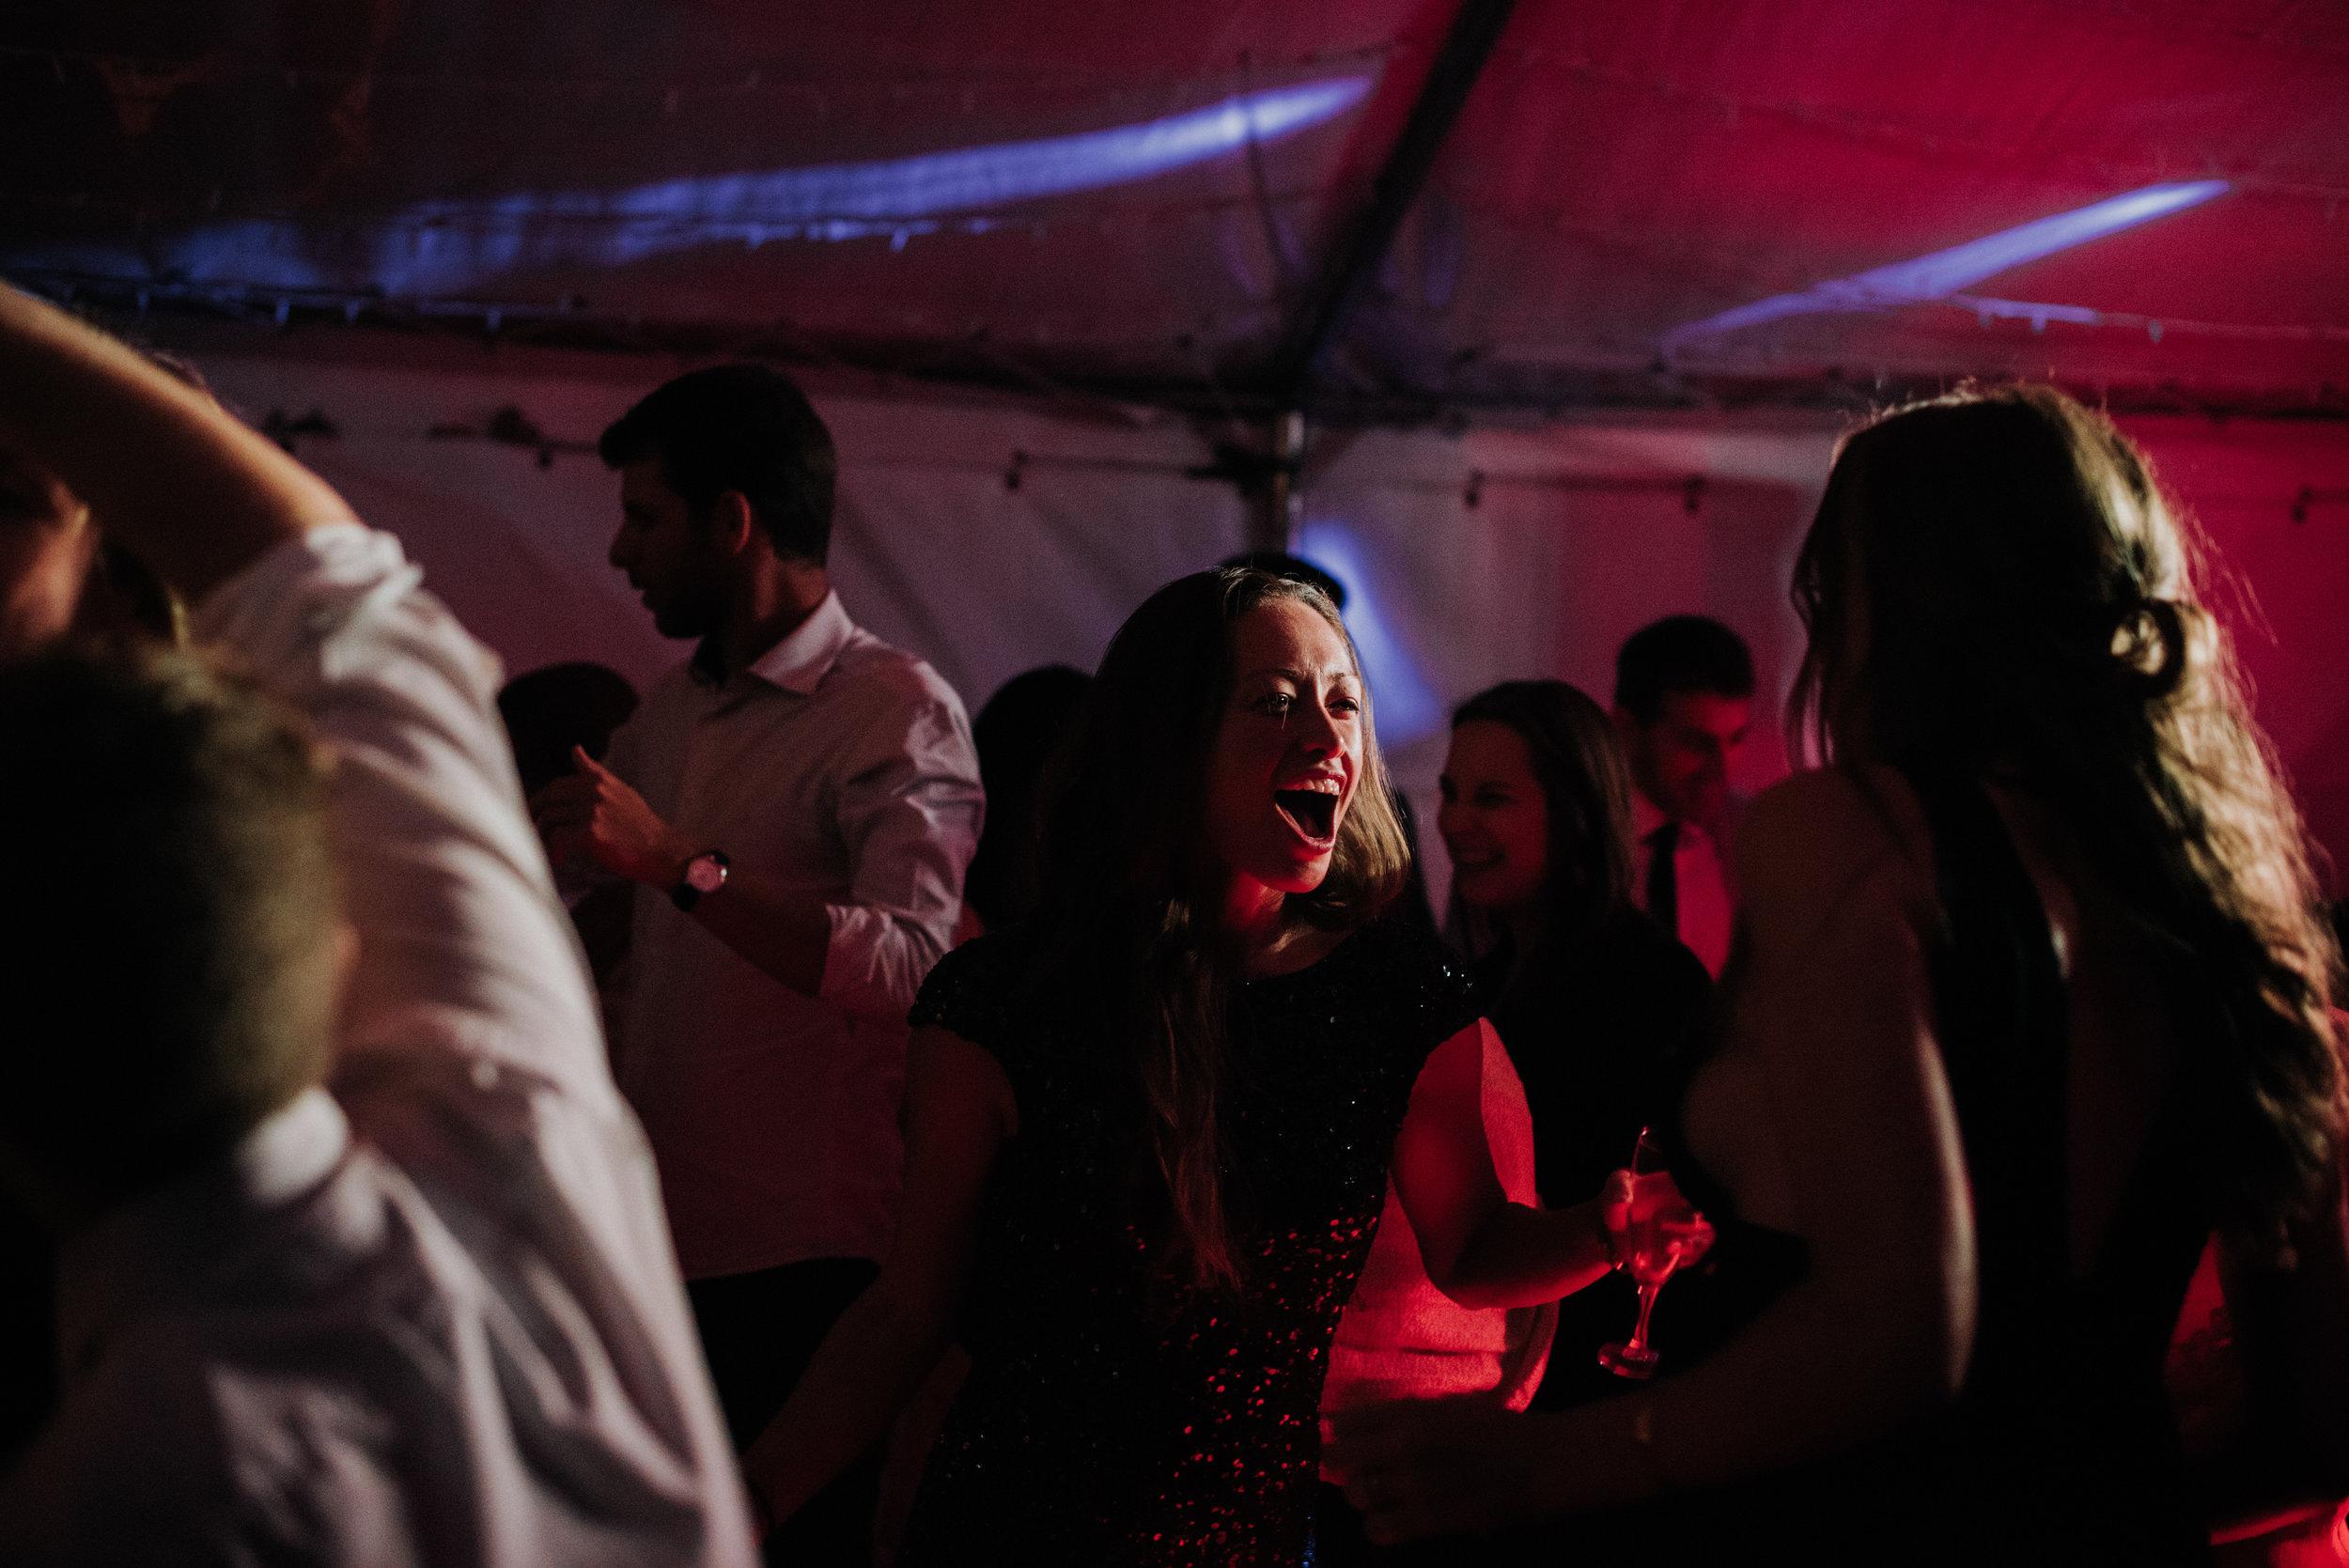 Léa-Fery-photographe-professionnel-lyon-rhone-alpes-portrait-creation-mariage-evenement-evenementiel-famille-2047.jpg